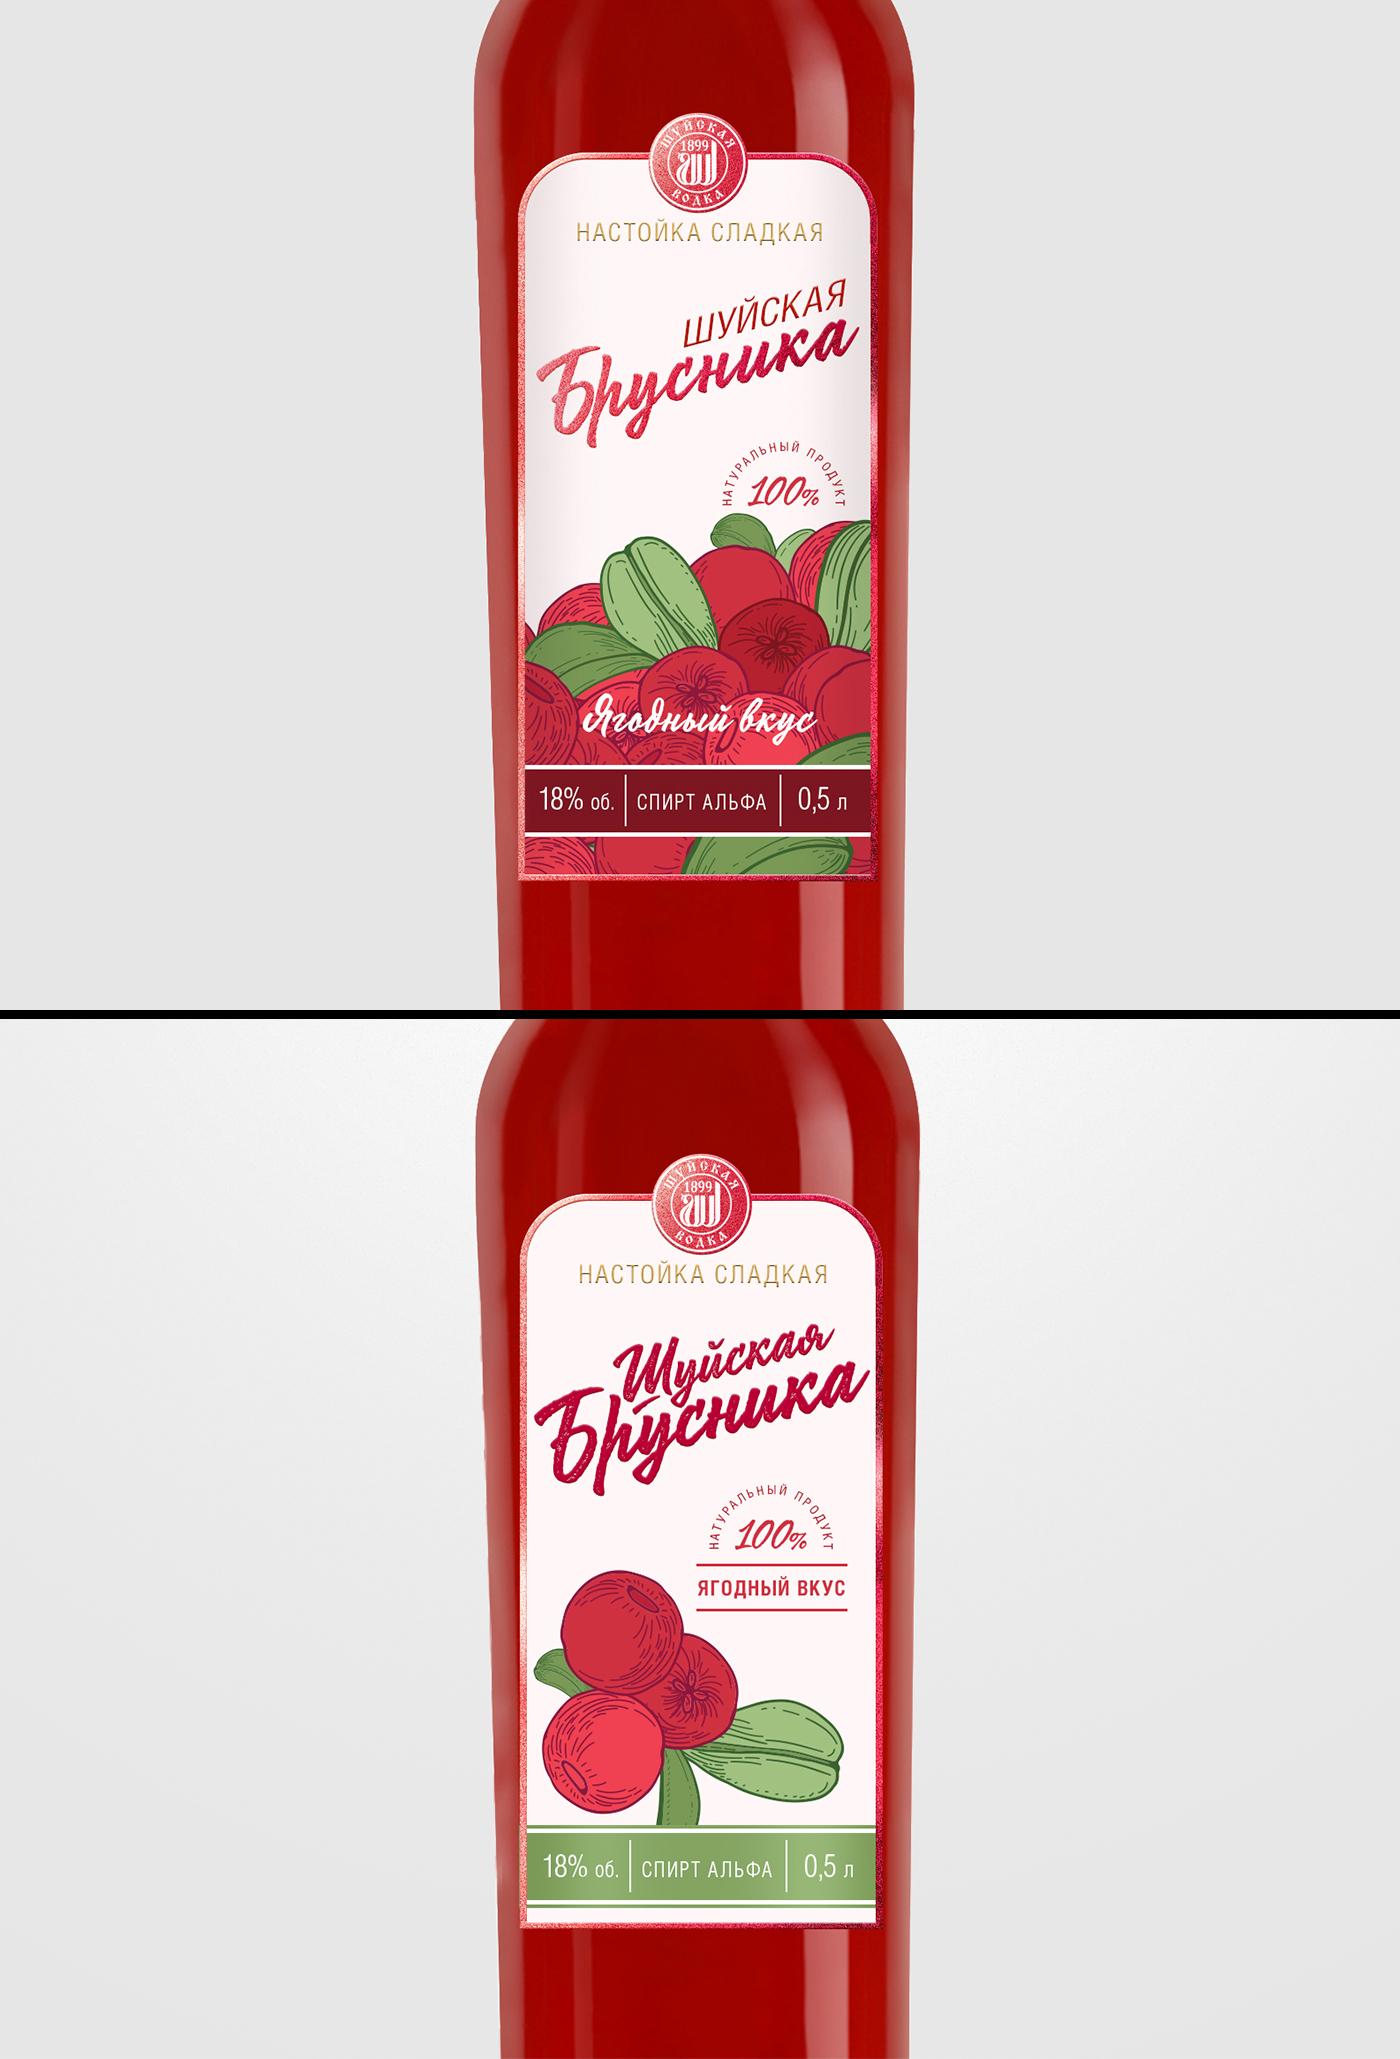 Дизайн этикетки алкогольного продукта (сладкая настойка) фото f_8355f8ee158a73b6.jpg